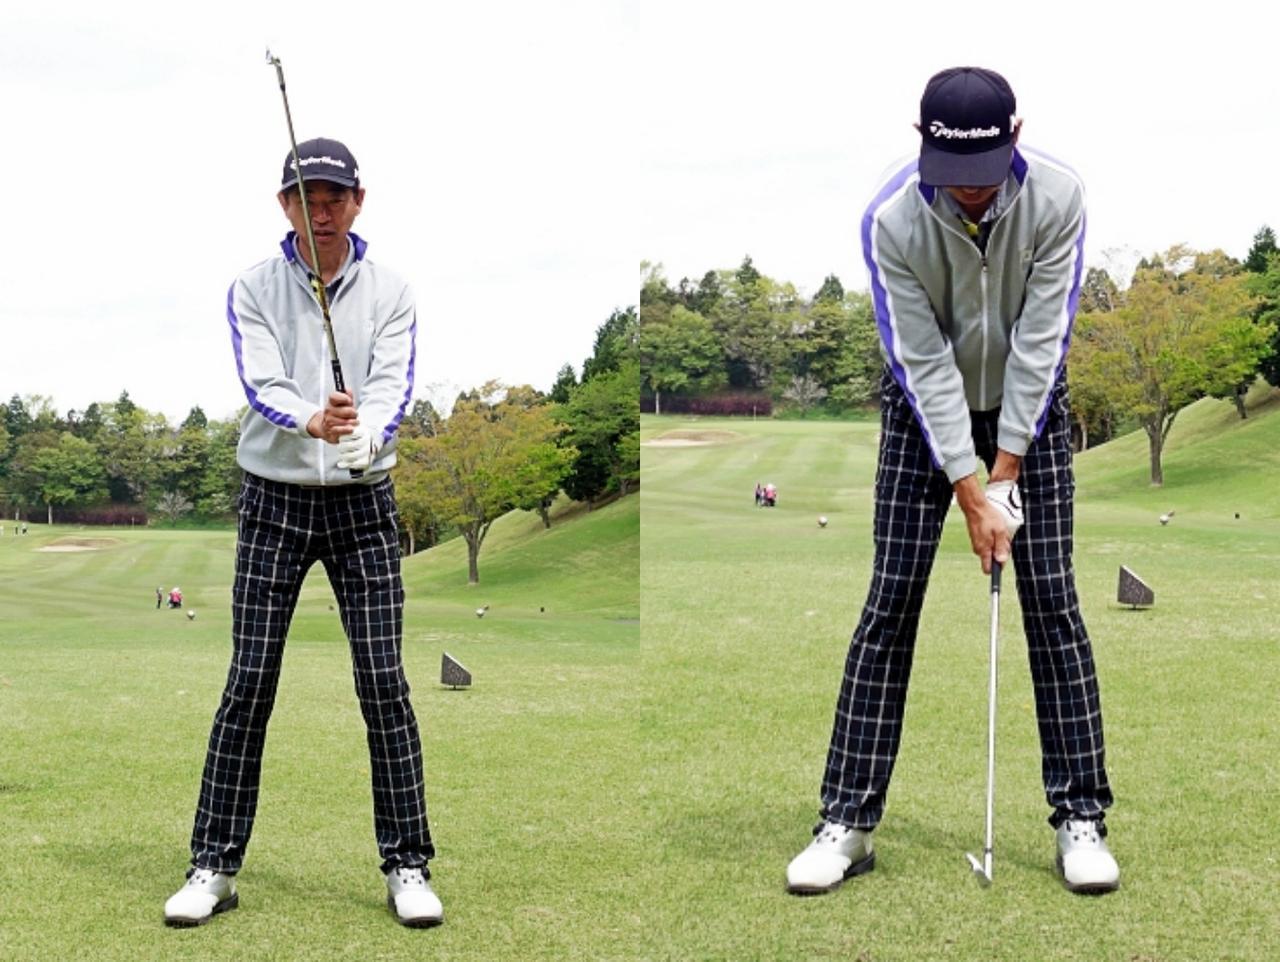 画像: 左は直立状態。右は前傾状態